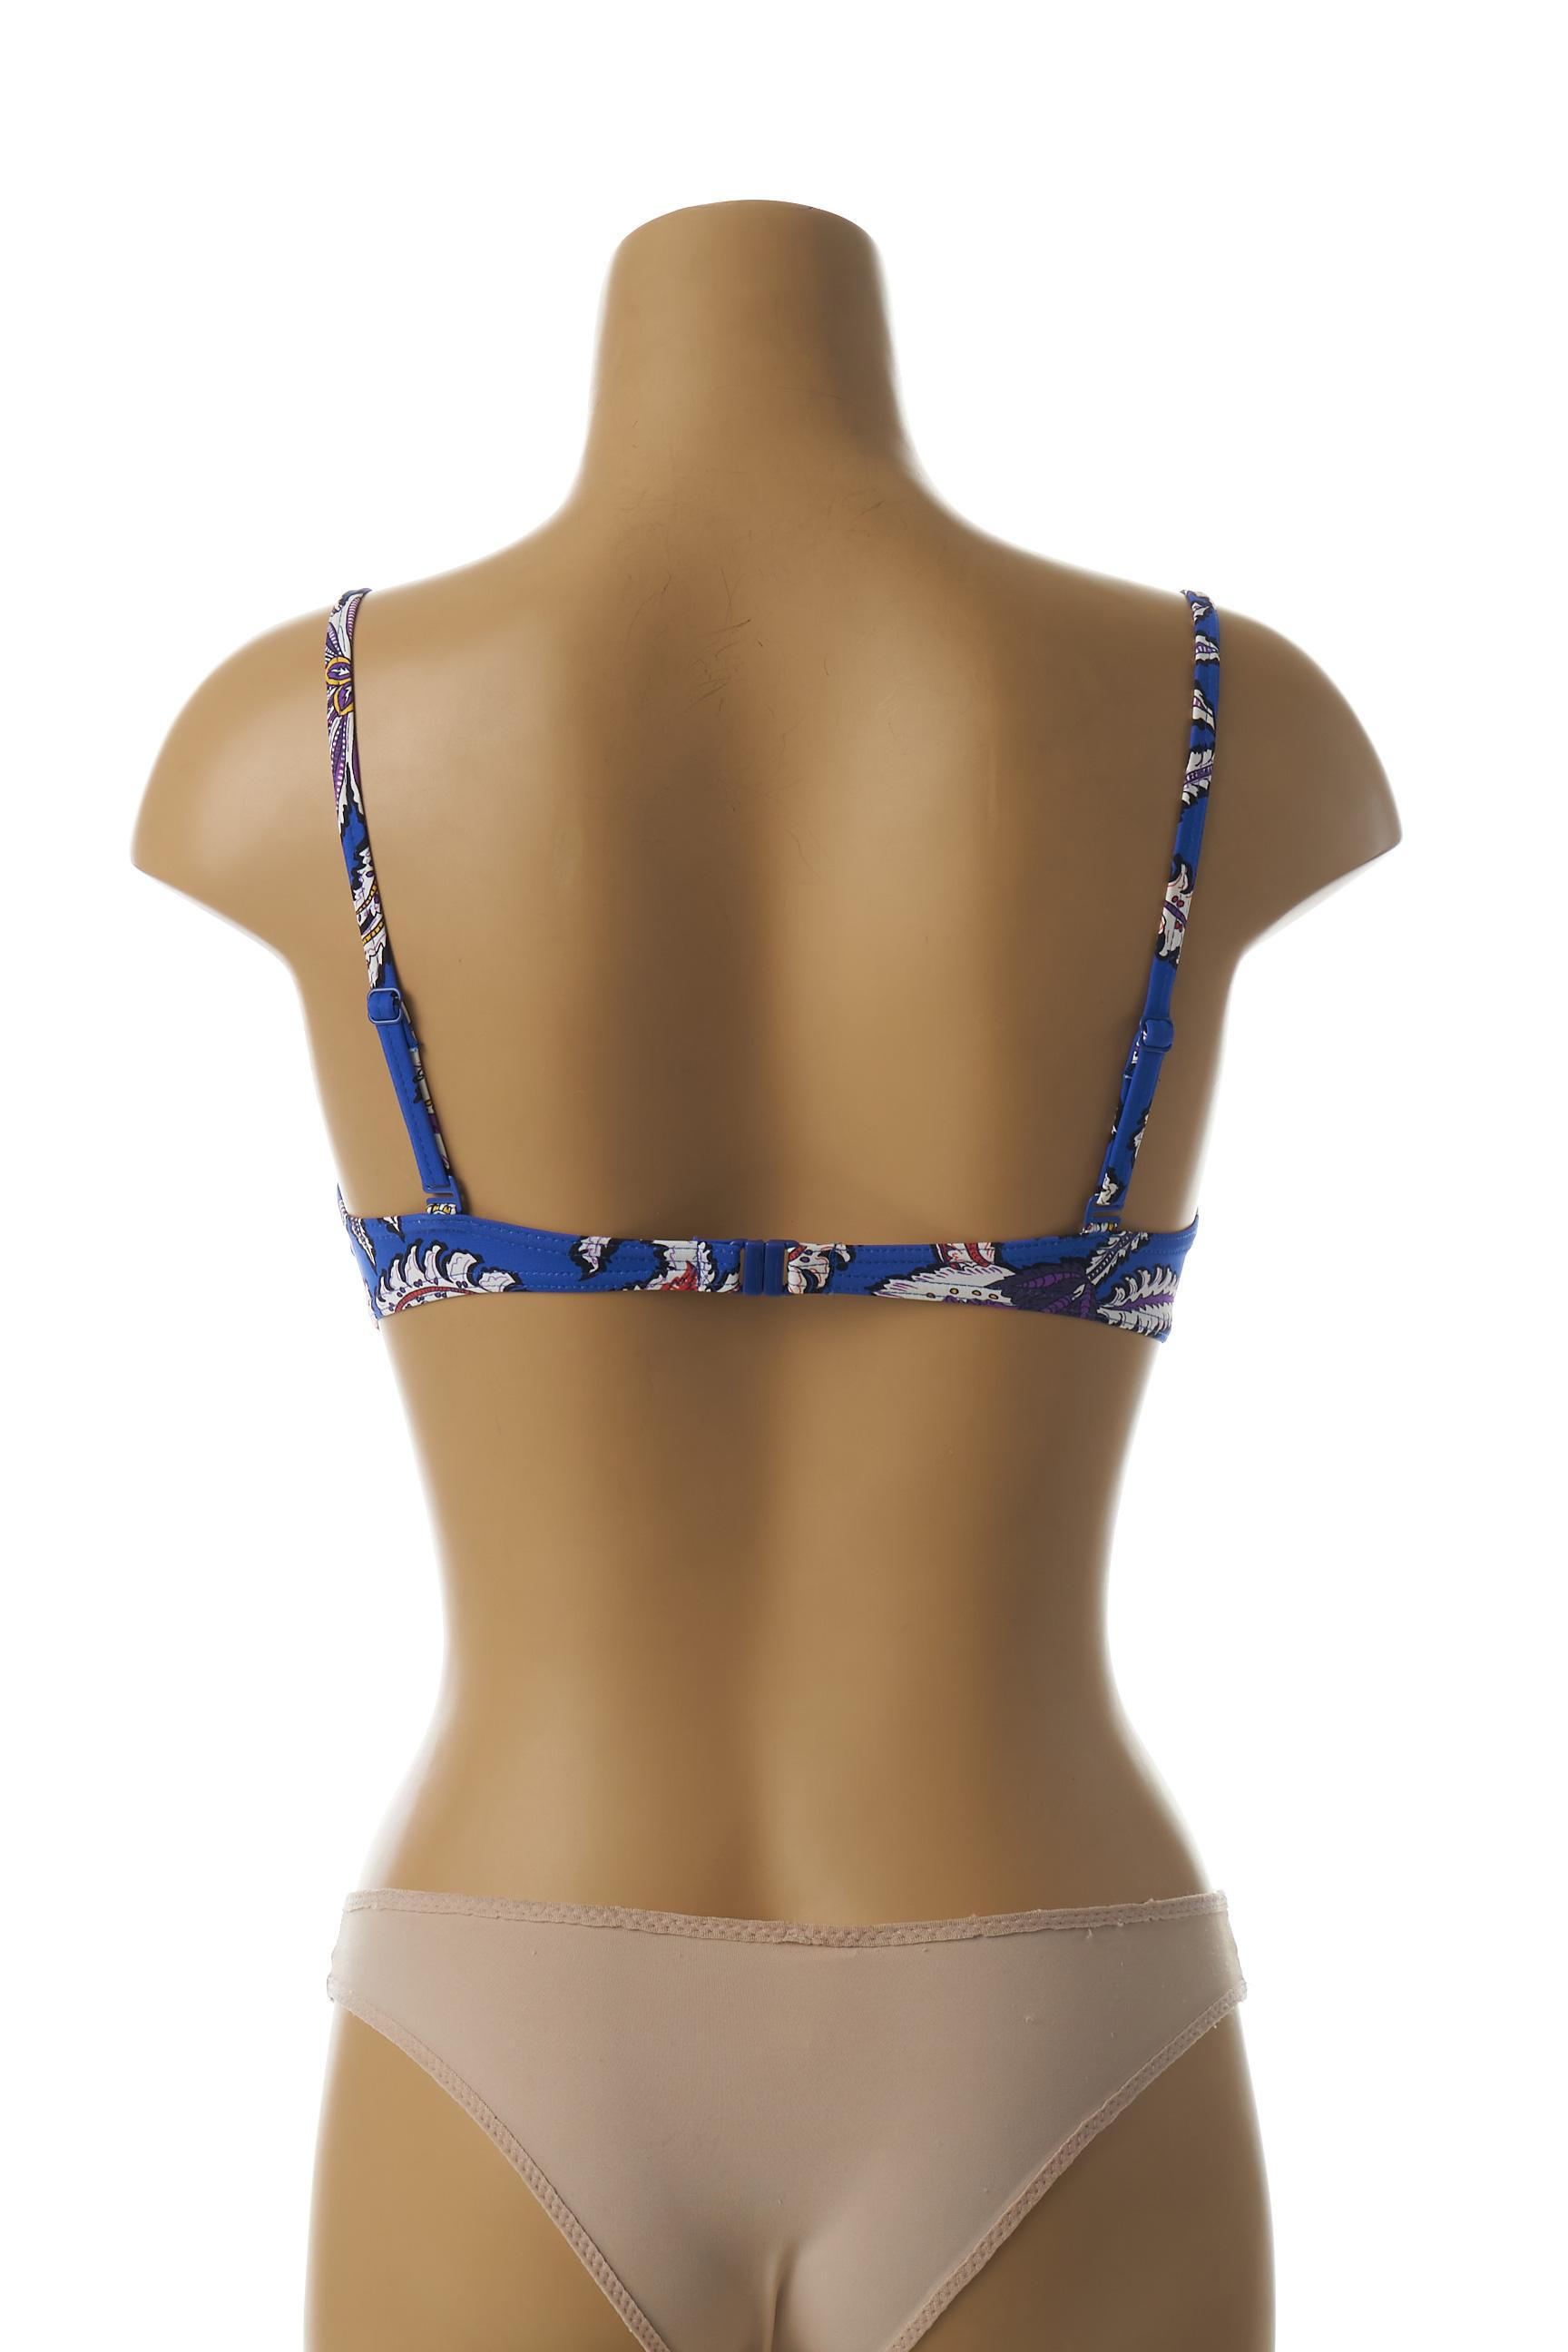 Huit Separables Haut Femme De Couleur Bleu En Soldes Pas Cher 1439351-bleu00